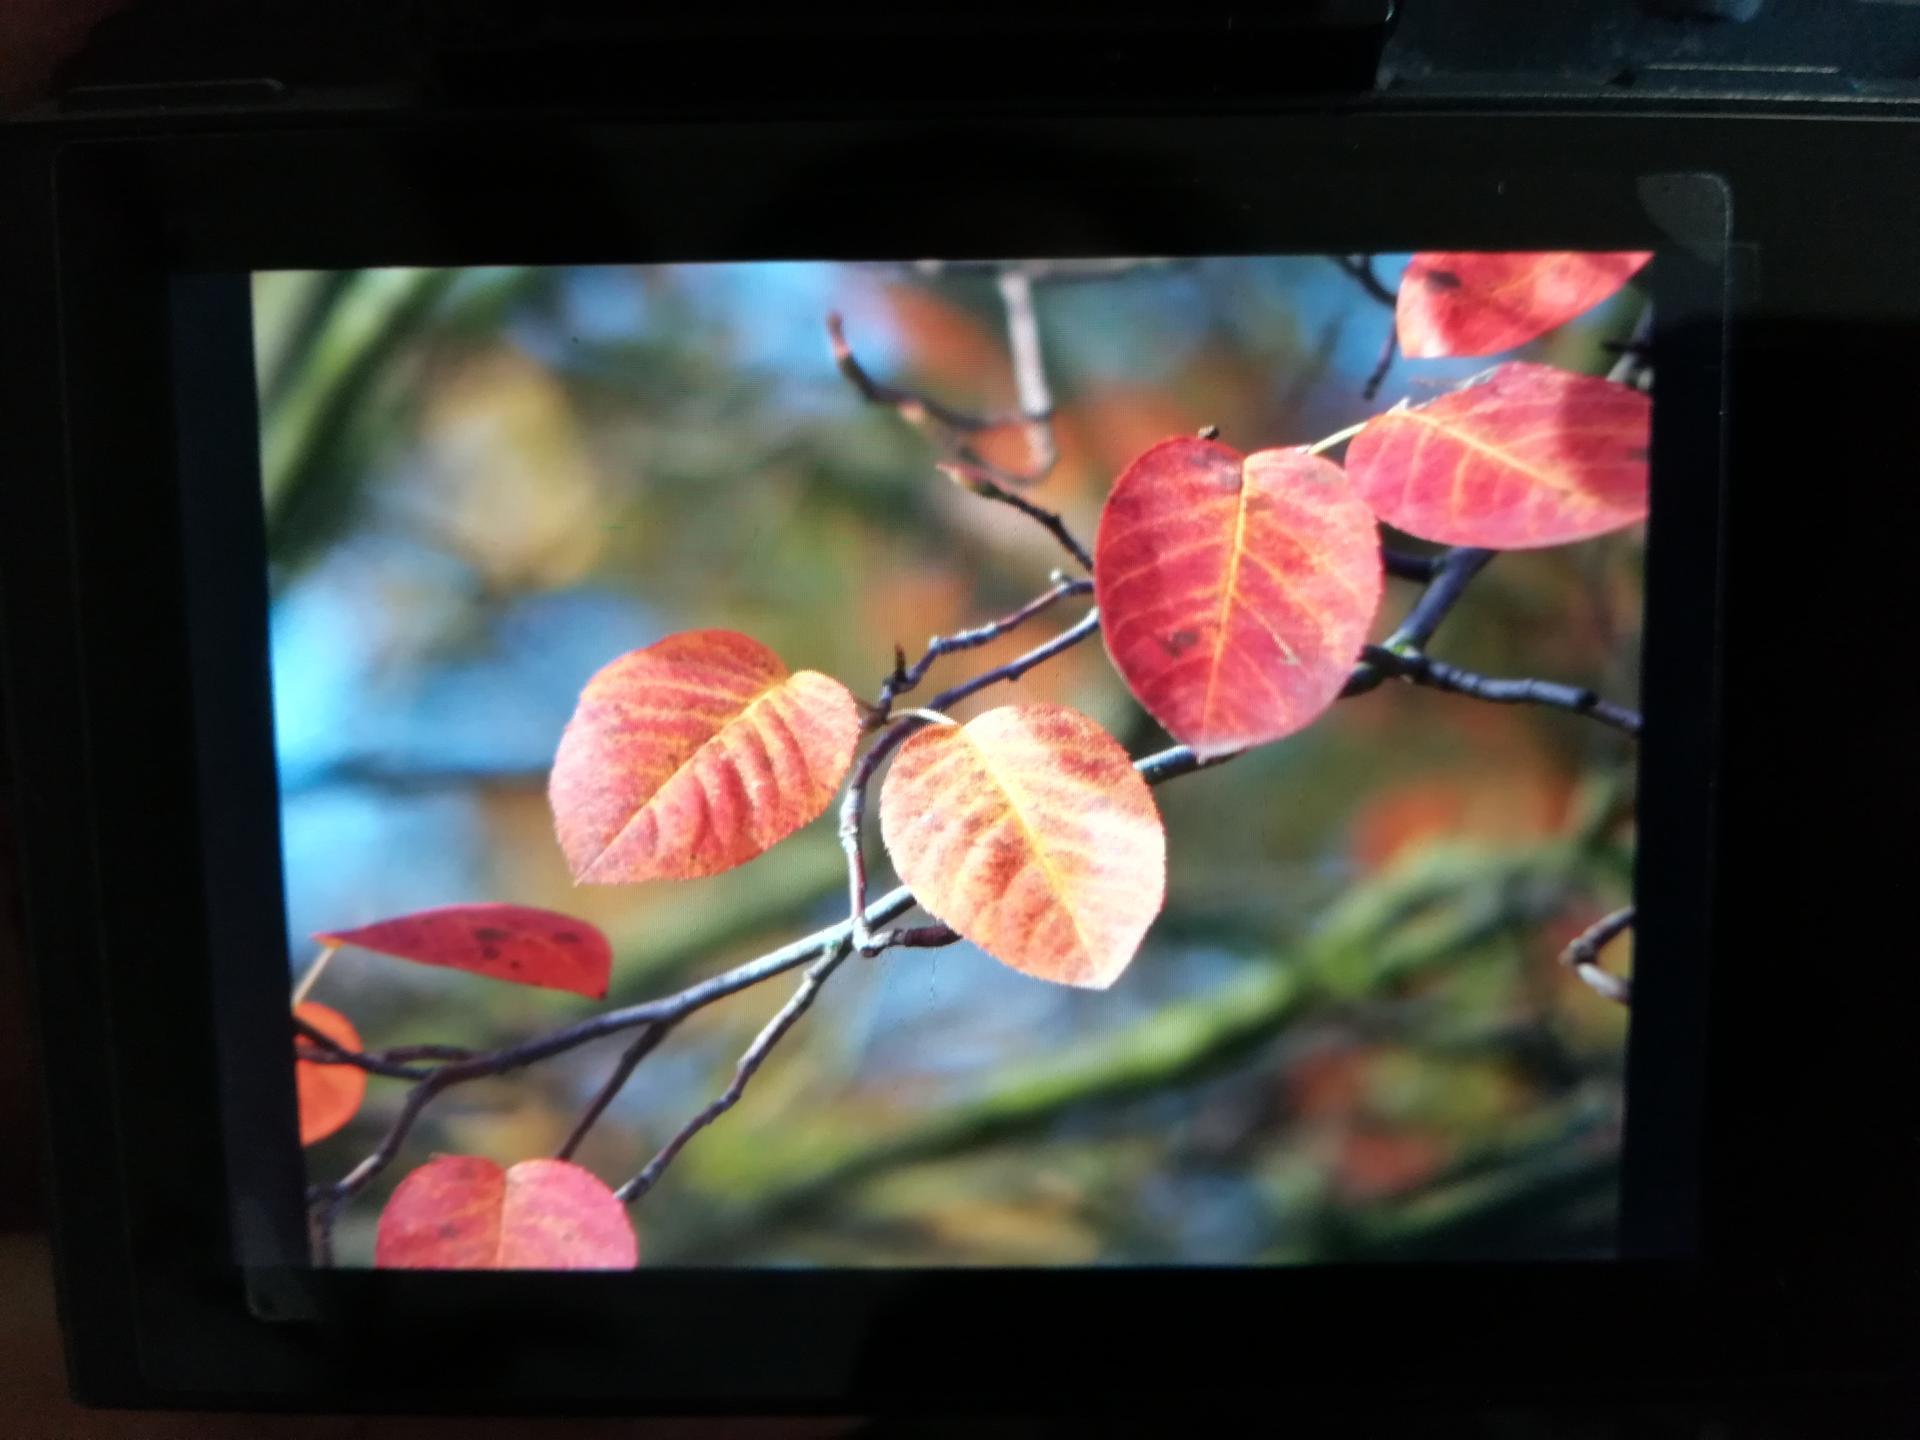 Muchovník - amelanchier lamarckii vícekmen... Máte někdo na zahradě? Kde sehnat cca 150cm, Pardubický kraj - Obrázek č. 2